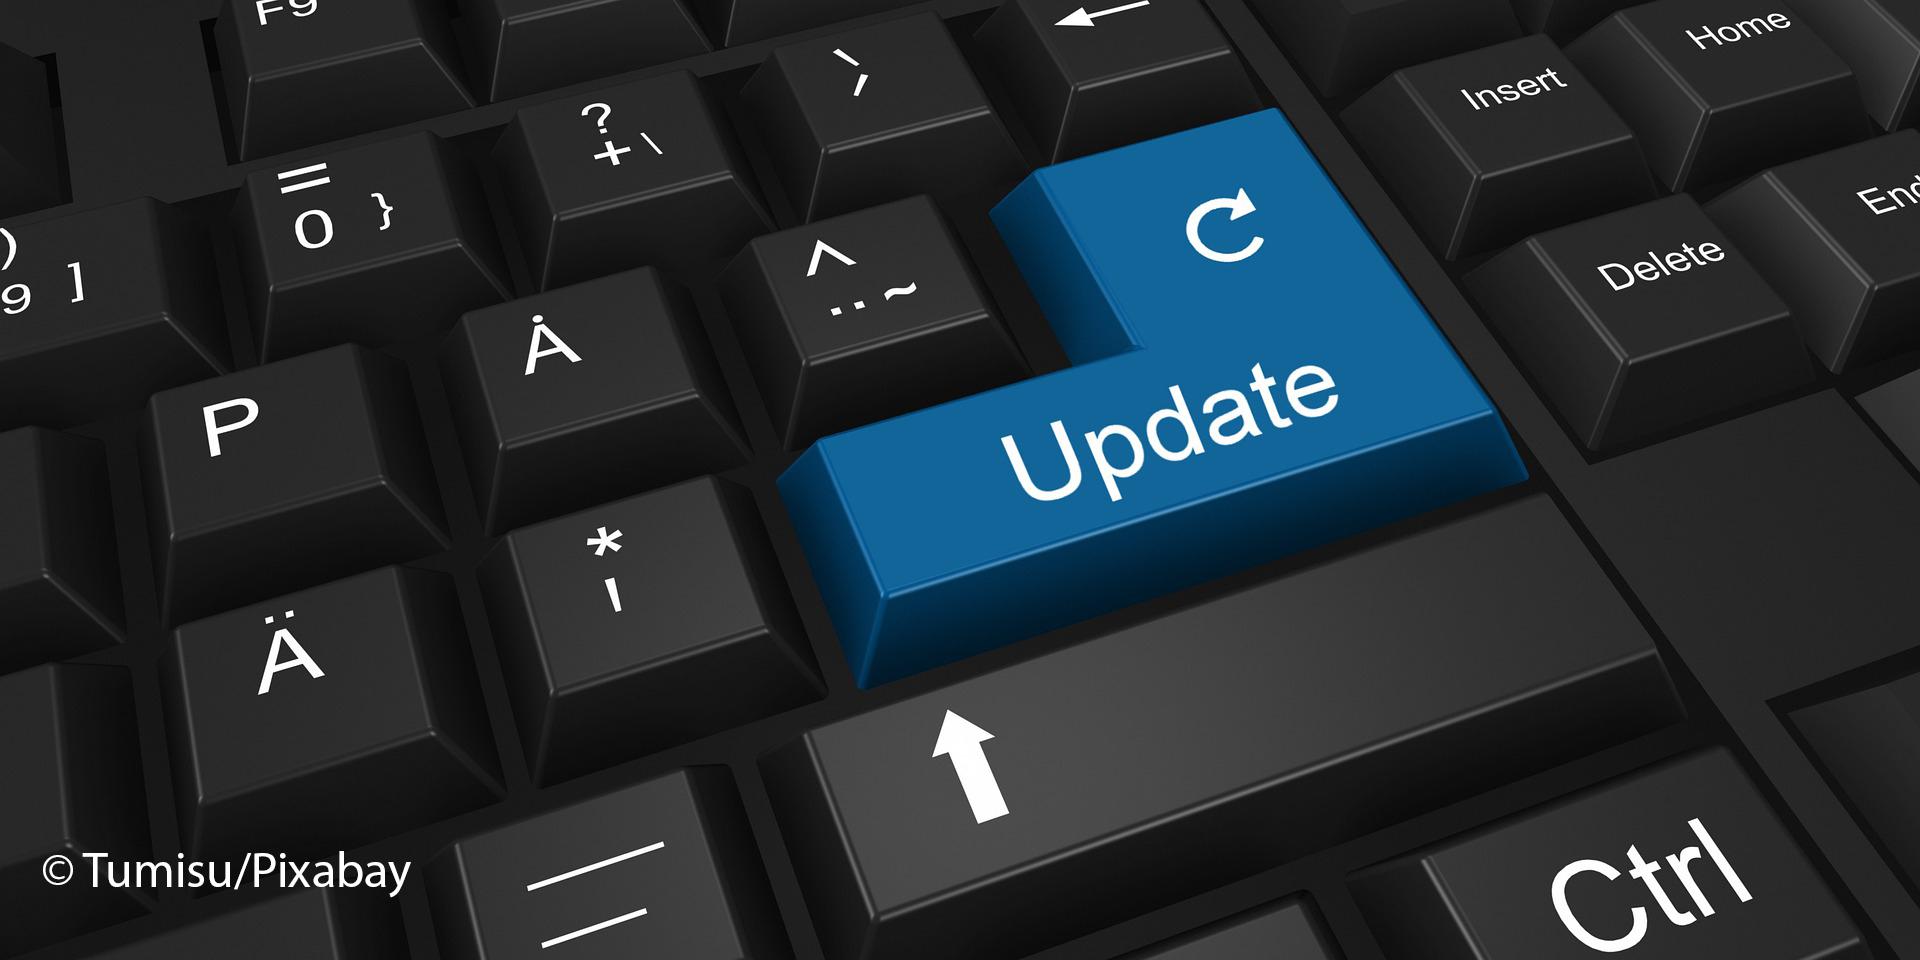 Onlineservice der Kfz-Zuslassungsstelle ist am kommenden Wochenende nur eingeschränkt erreichbar